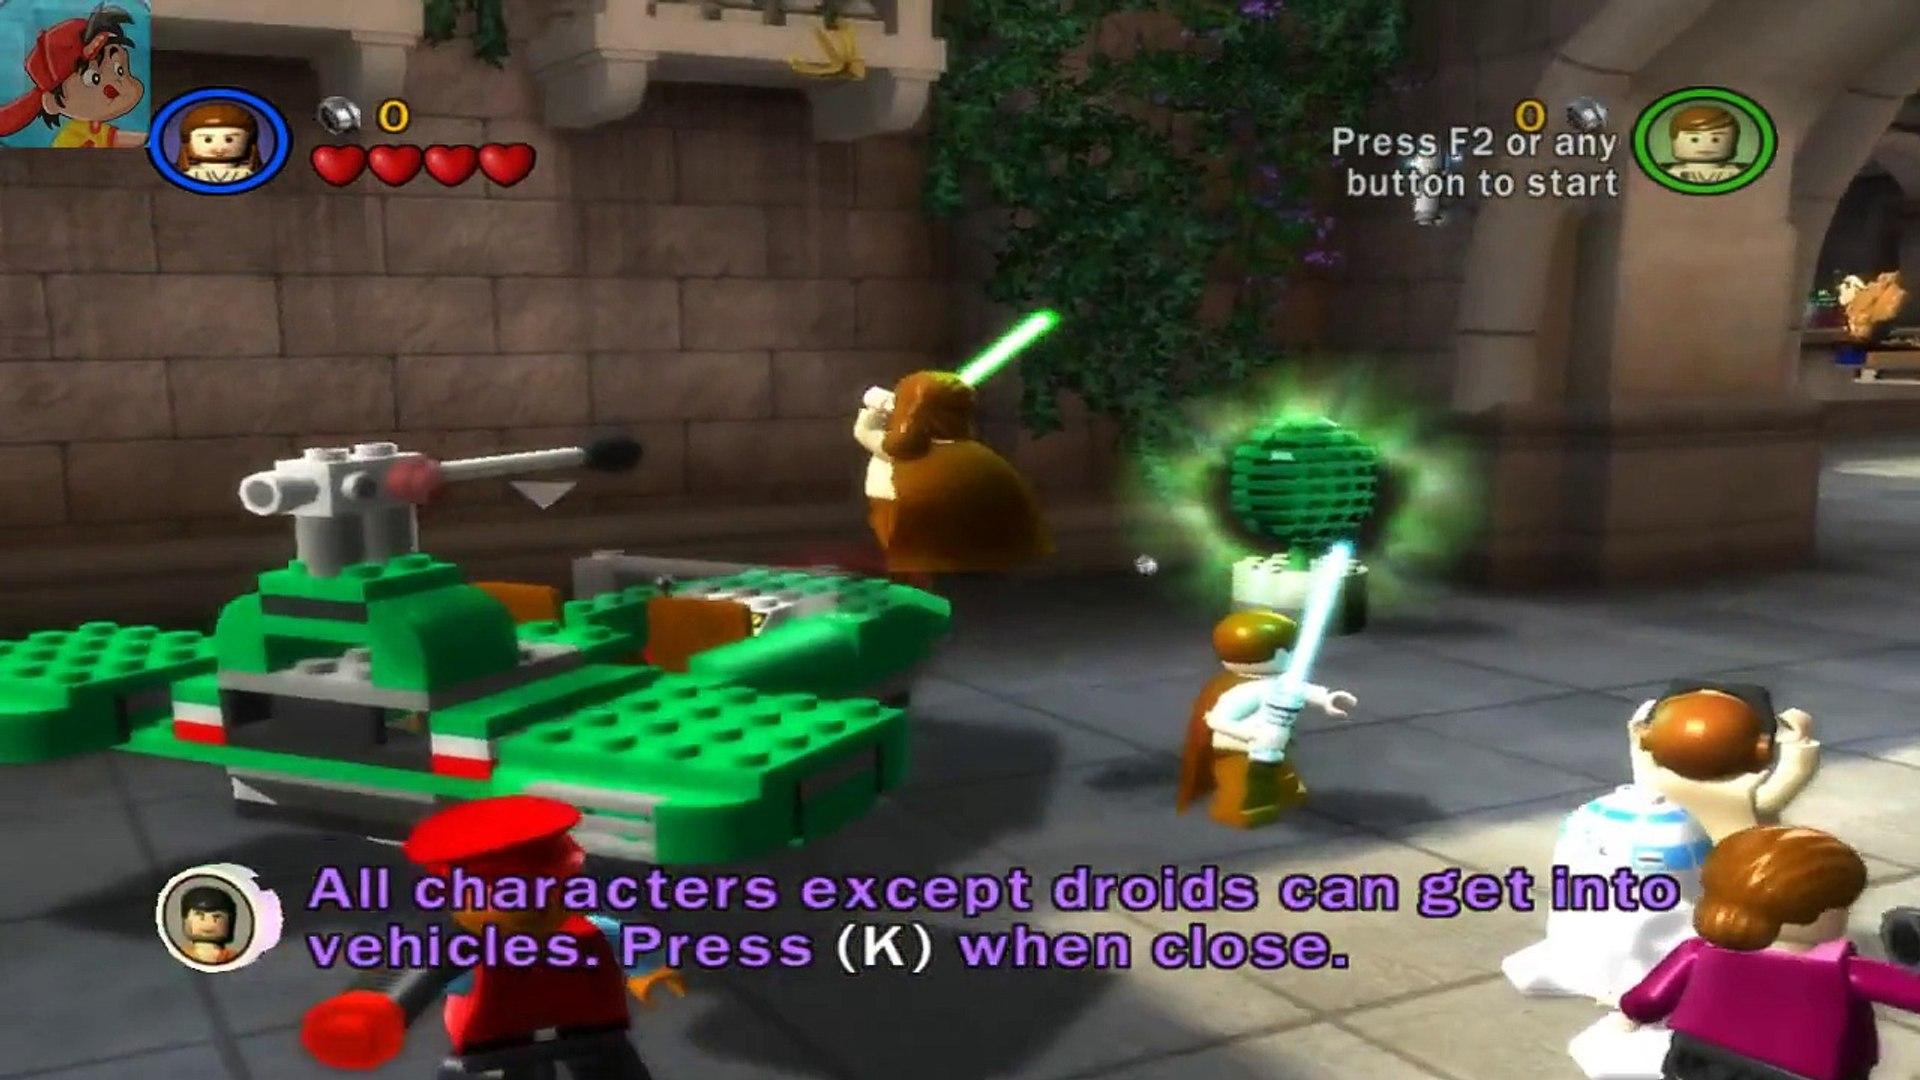 Lego Star Wars Saga Episode 1 Chapter 5 Kids Game Dailymotion Video